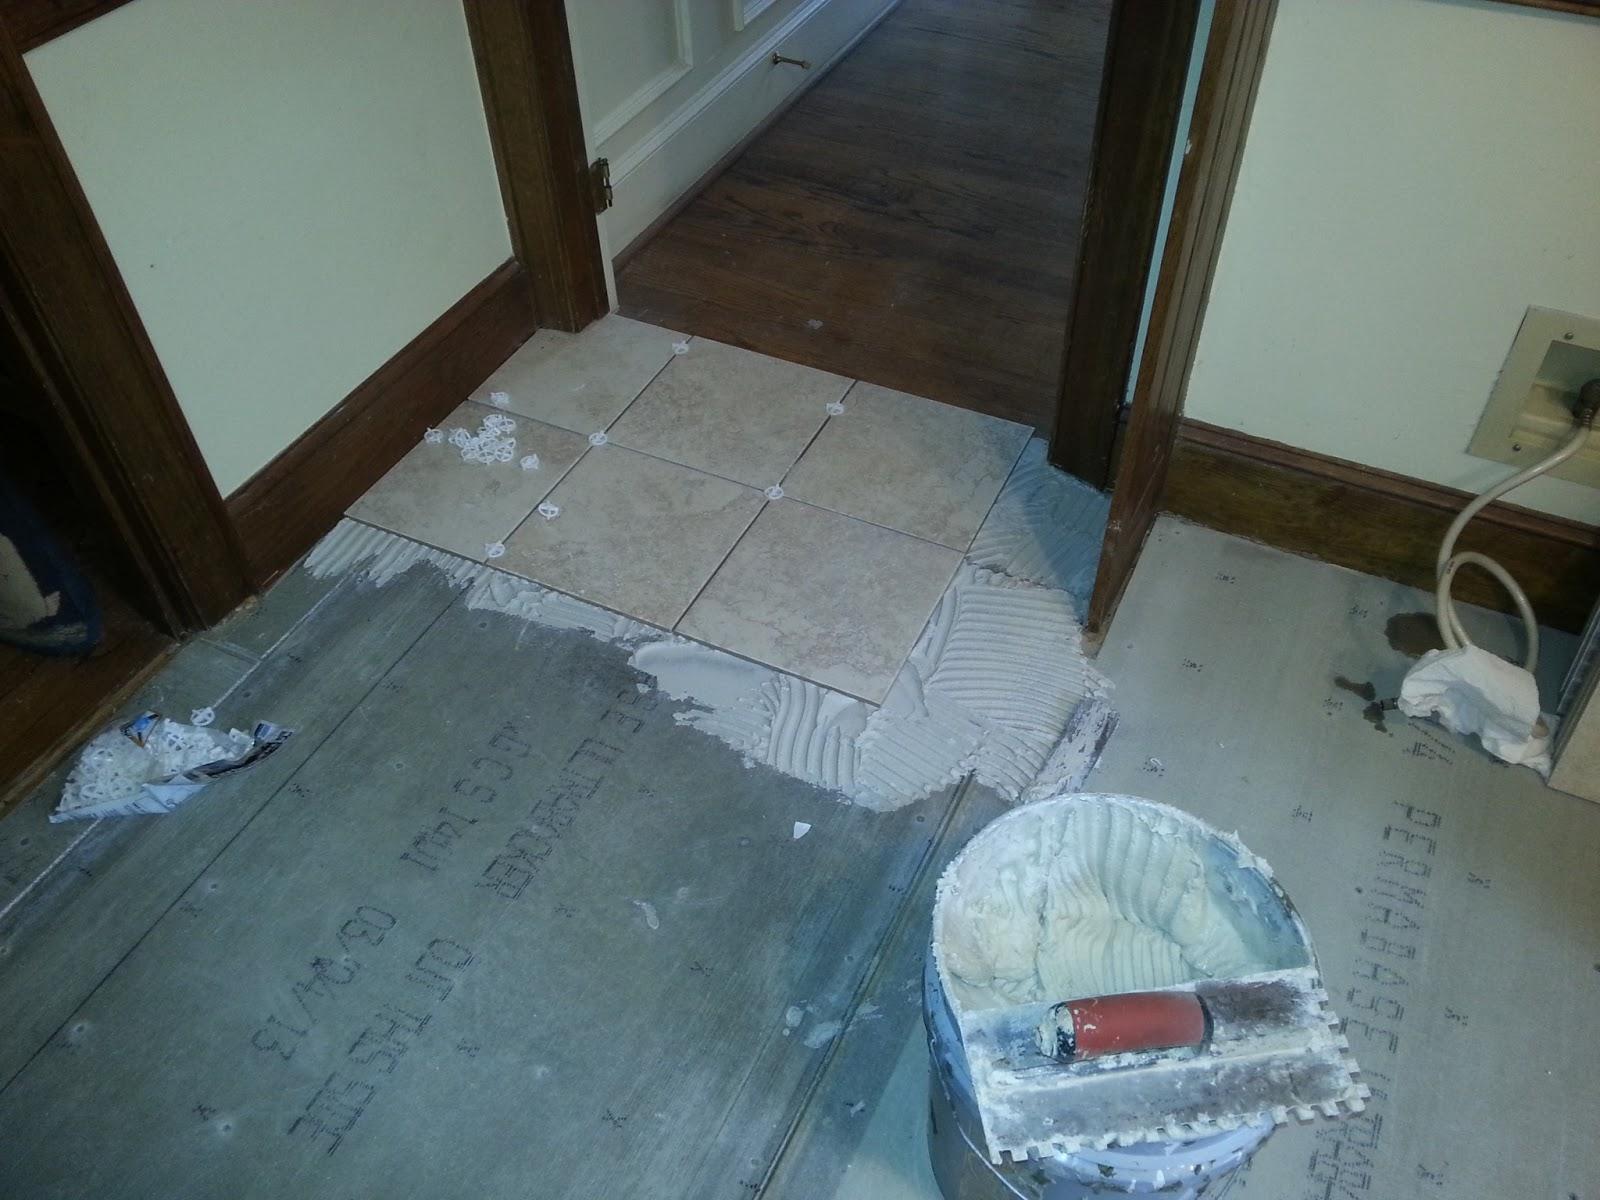 Remodel Photos: Kitchen Floor: Removal of linoleum floor and ...